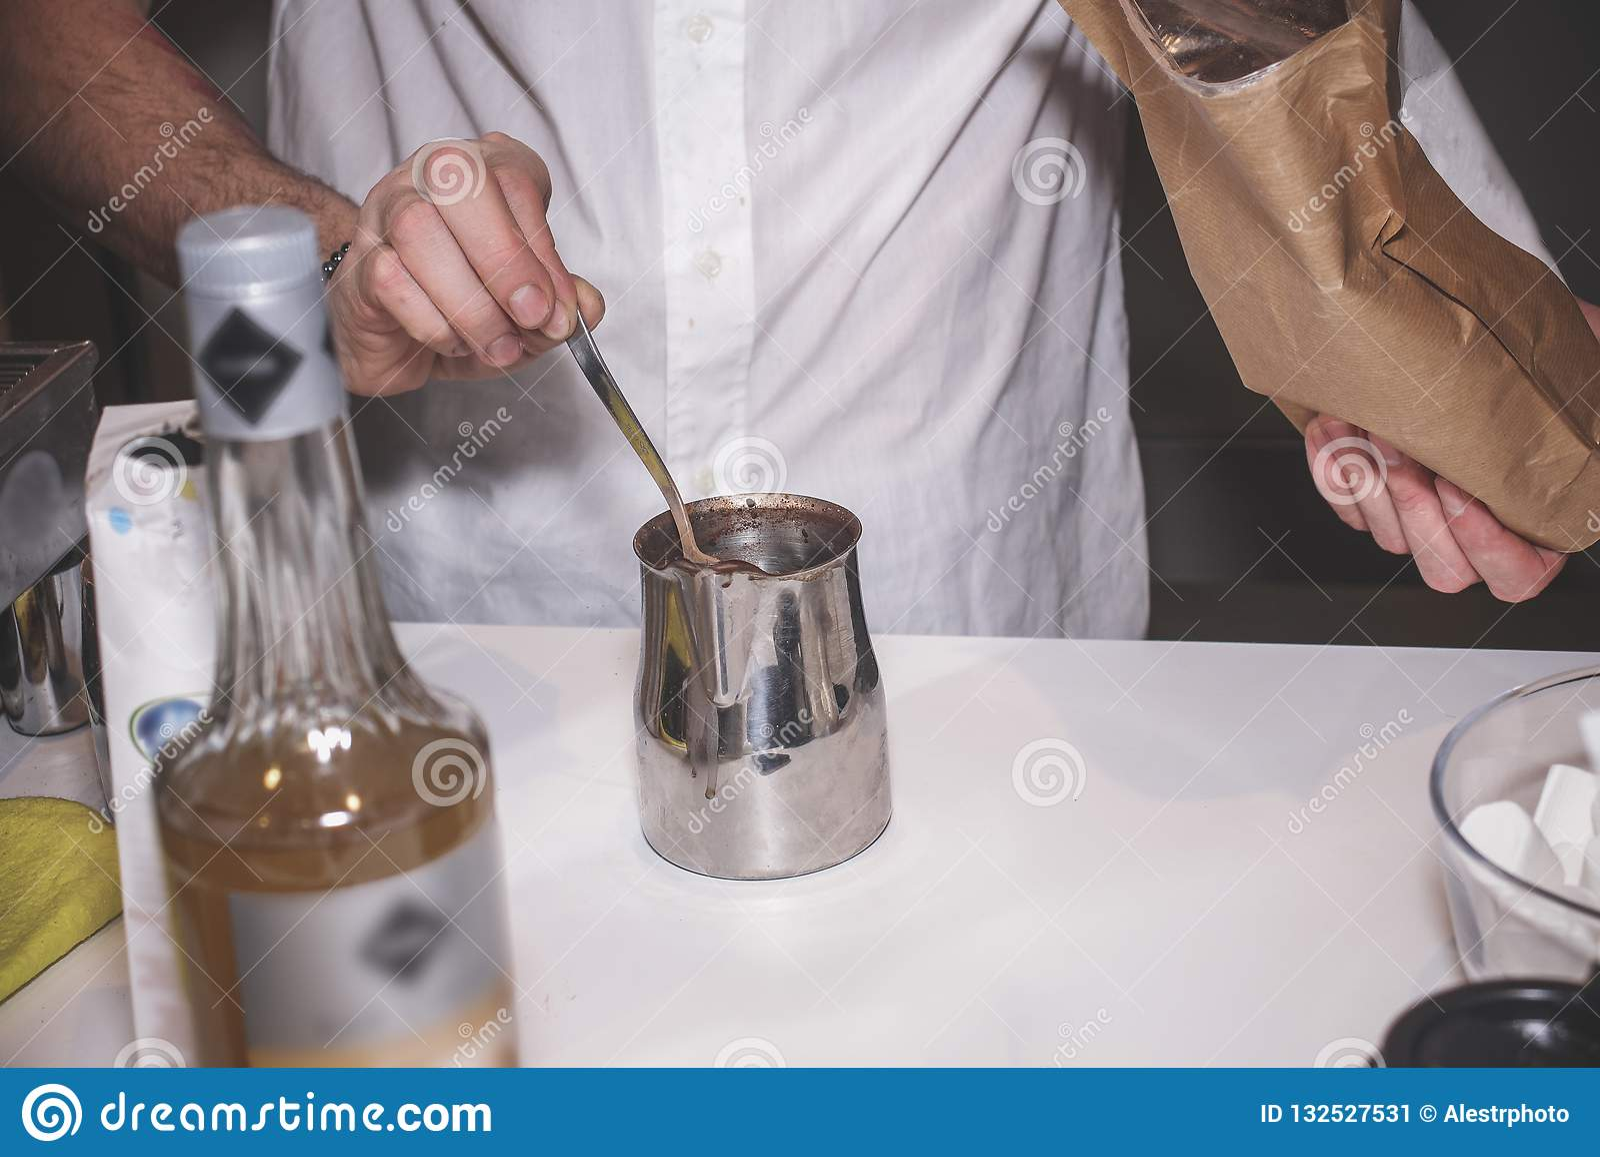 Le processus de faire le cacao dans un appareil spécial